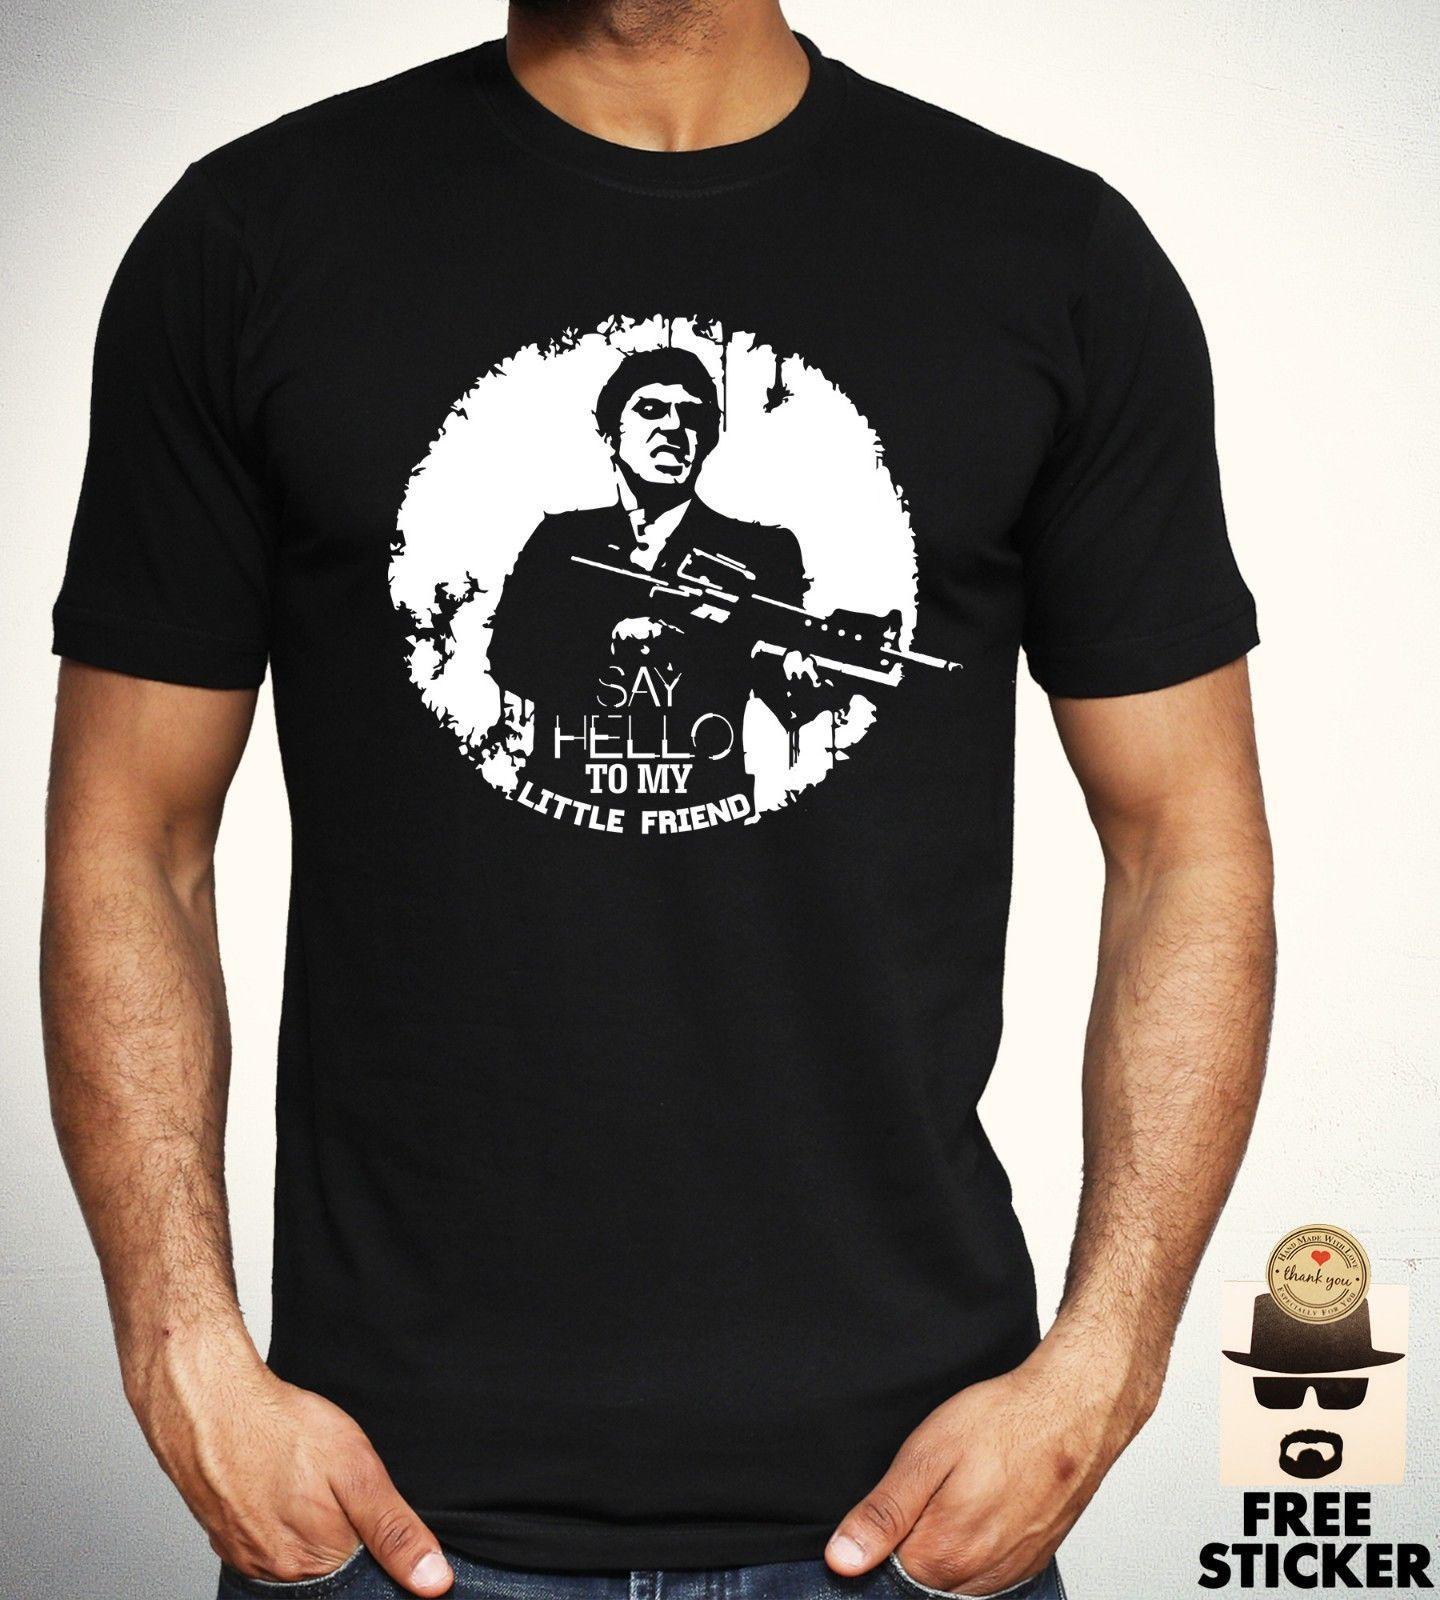 0e3772eb8778b Compre Camisa De Scarface T Olá A Meu Amigo Pequeno Filme Retro Tee Homens  Adultos Novos S XXL De Yg06tshirt